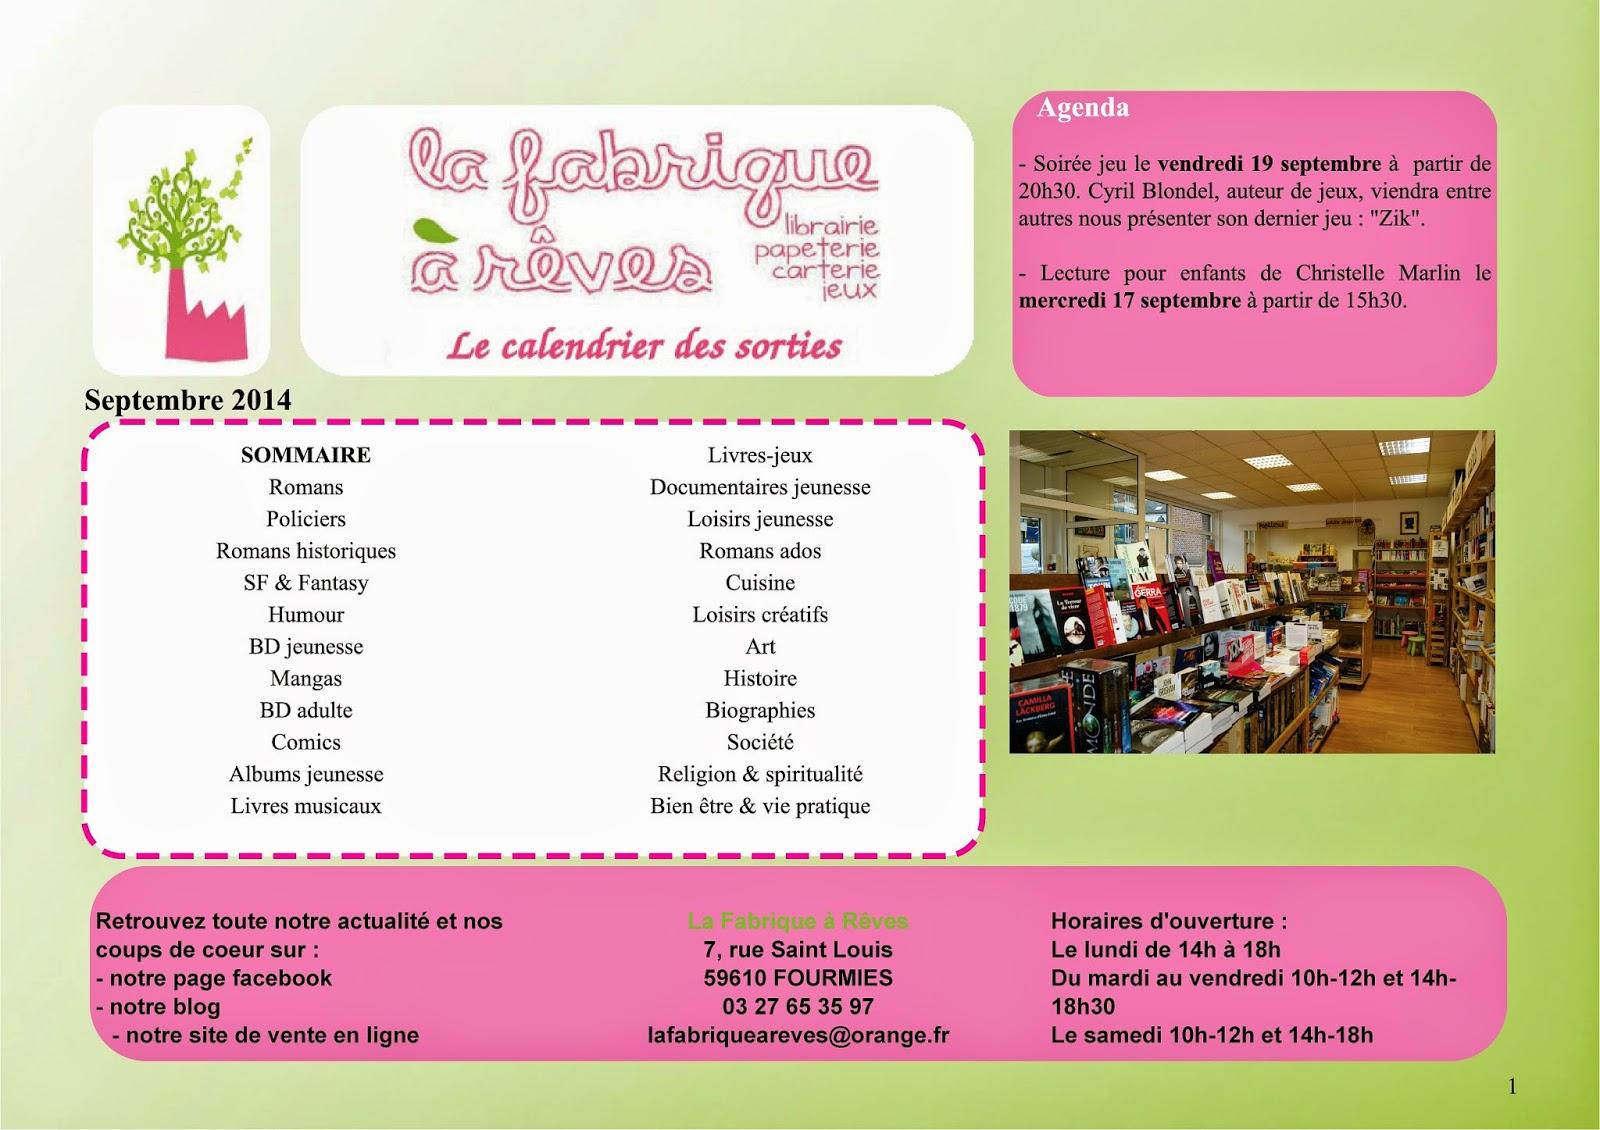 http://fr.calameo.com/read/003546672cb00299da7a6